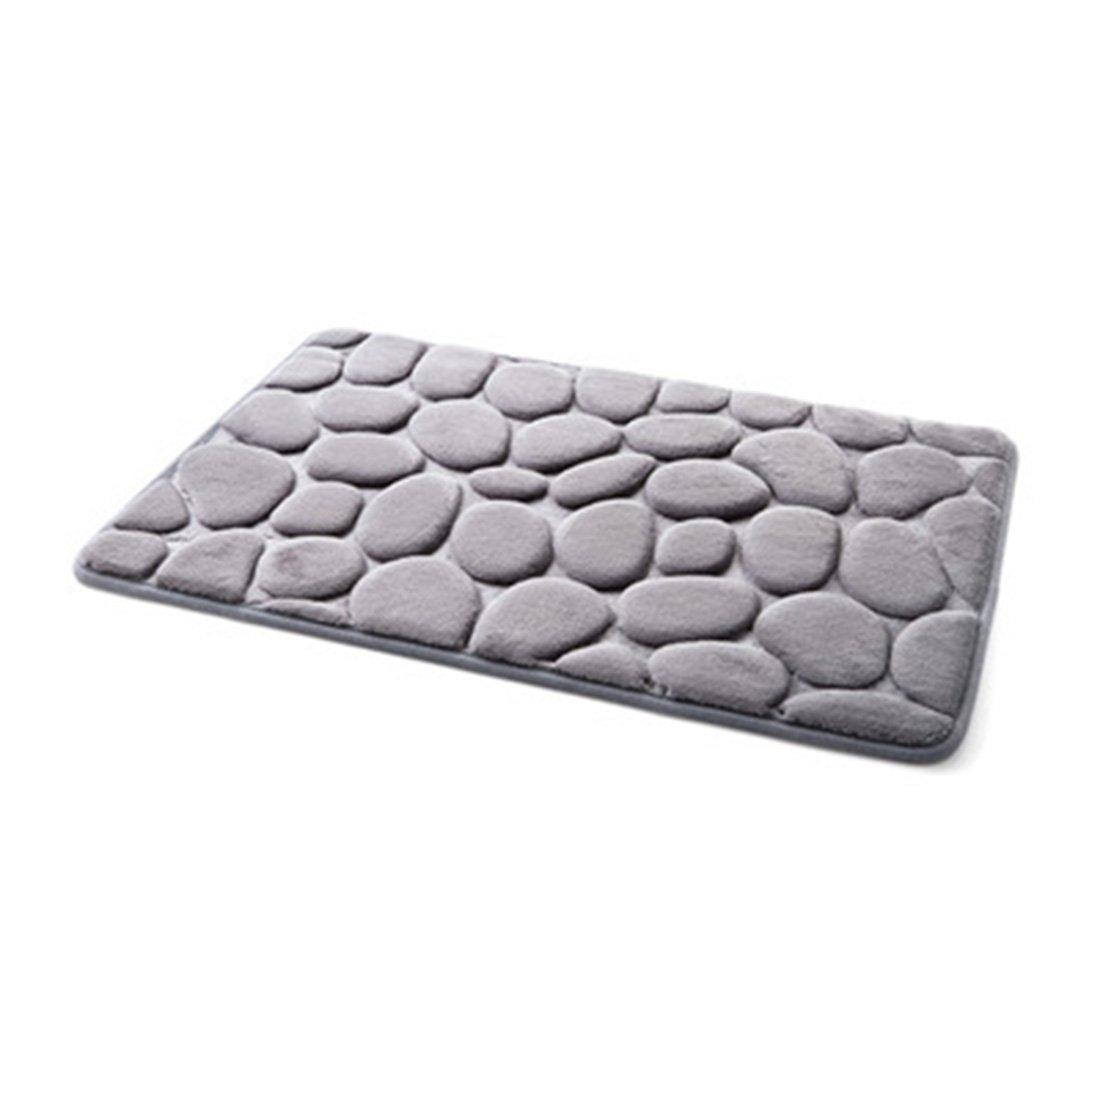 Alfombrilla de baño fabricada en tejido polar coral. Alfombrilla antideslizante para el baño. Alfrombrillas. Color camel. CY-Buity